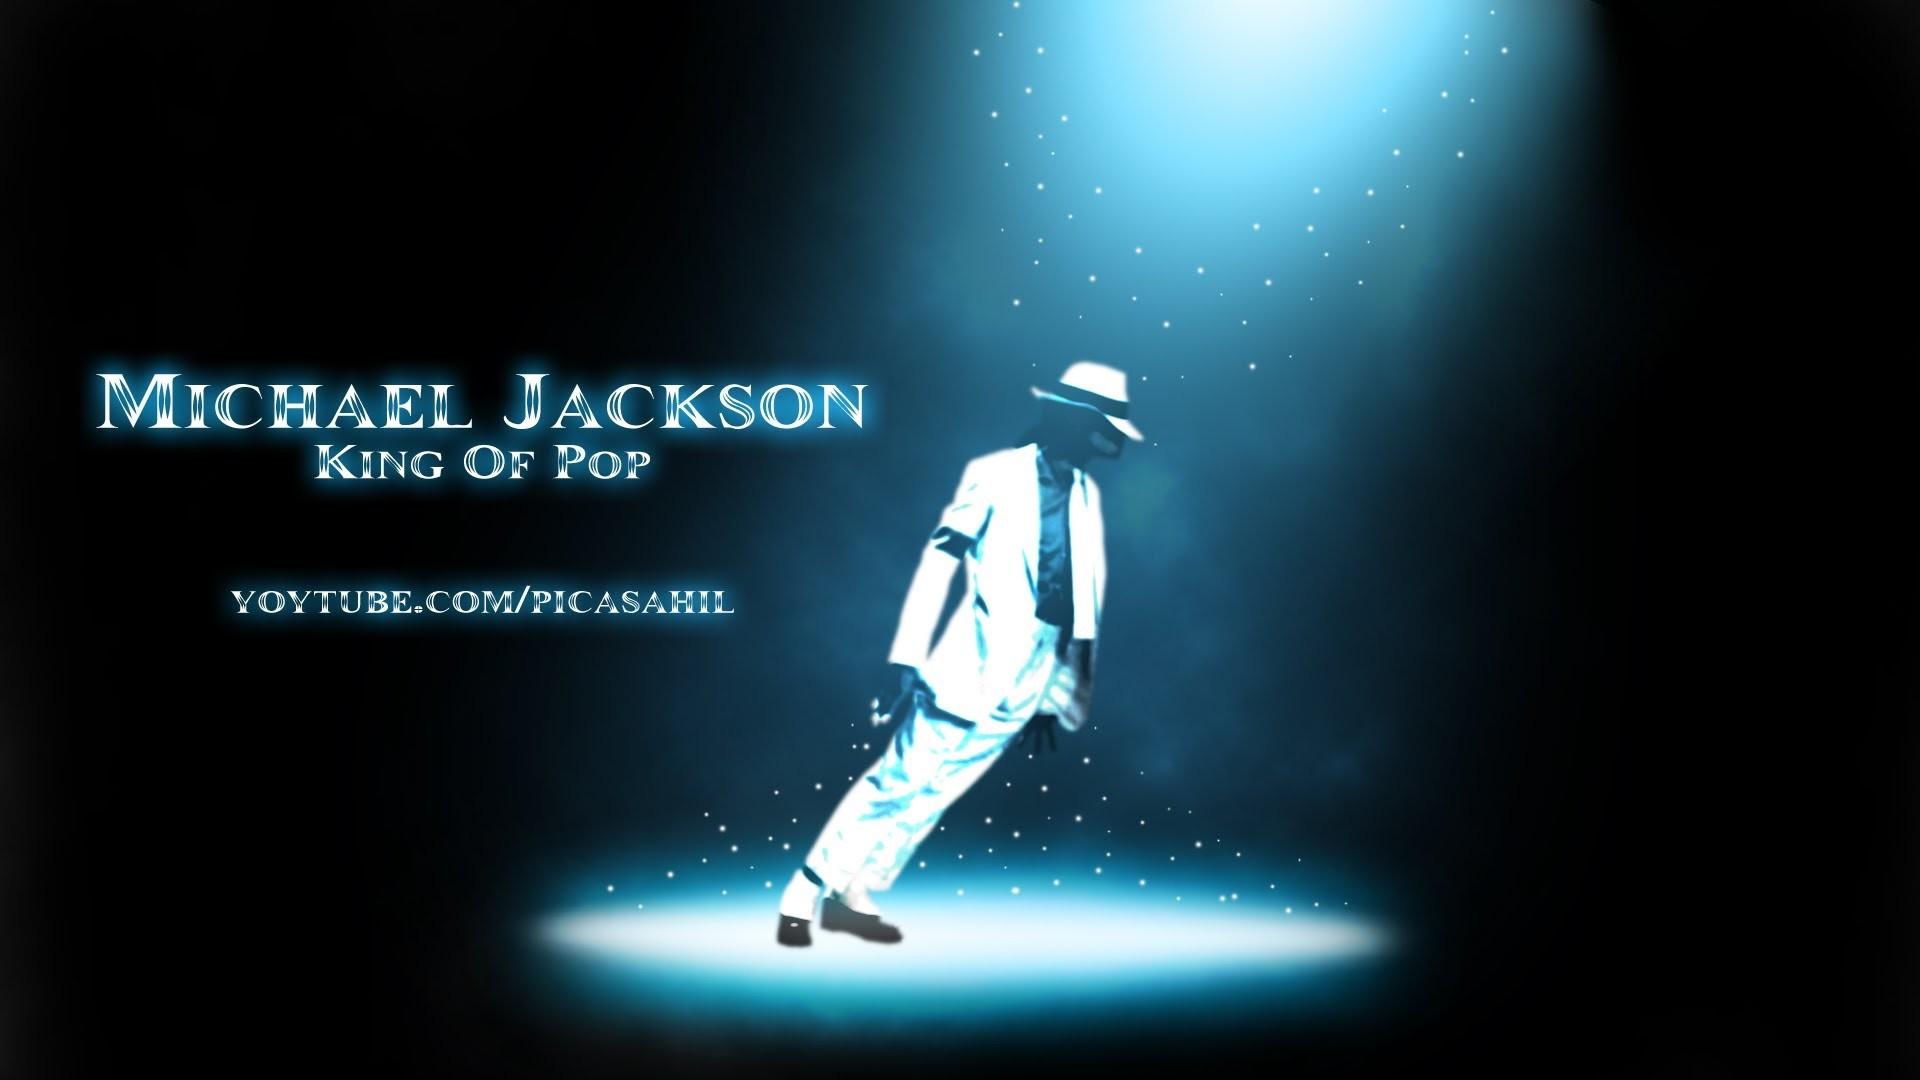 Free Download Michael Jackson Wallpaper Smooth Criminal 81